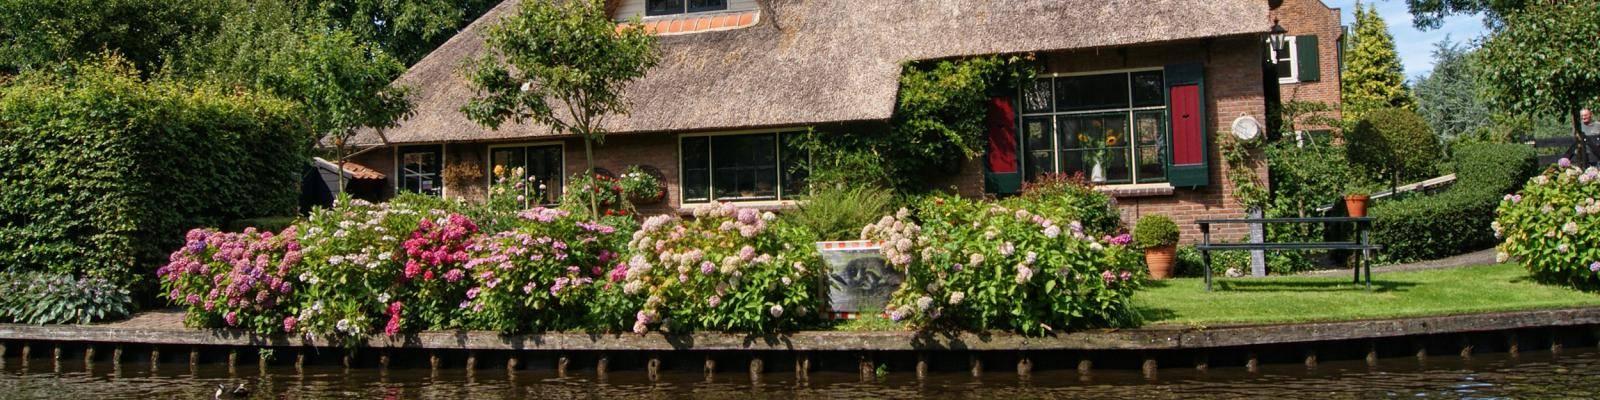 Huis met rieten dak aan water